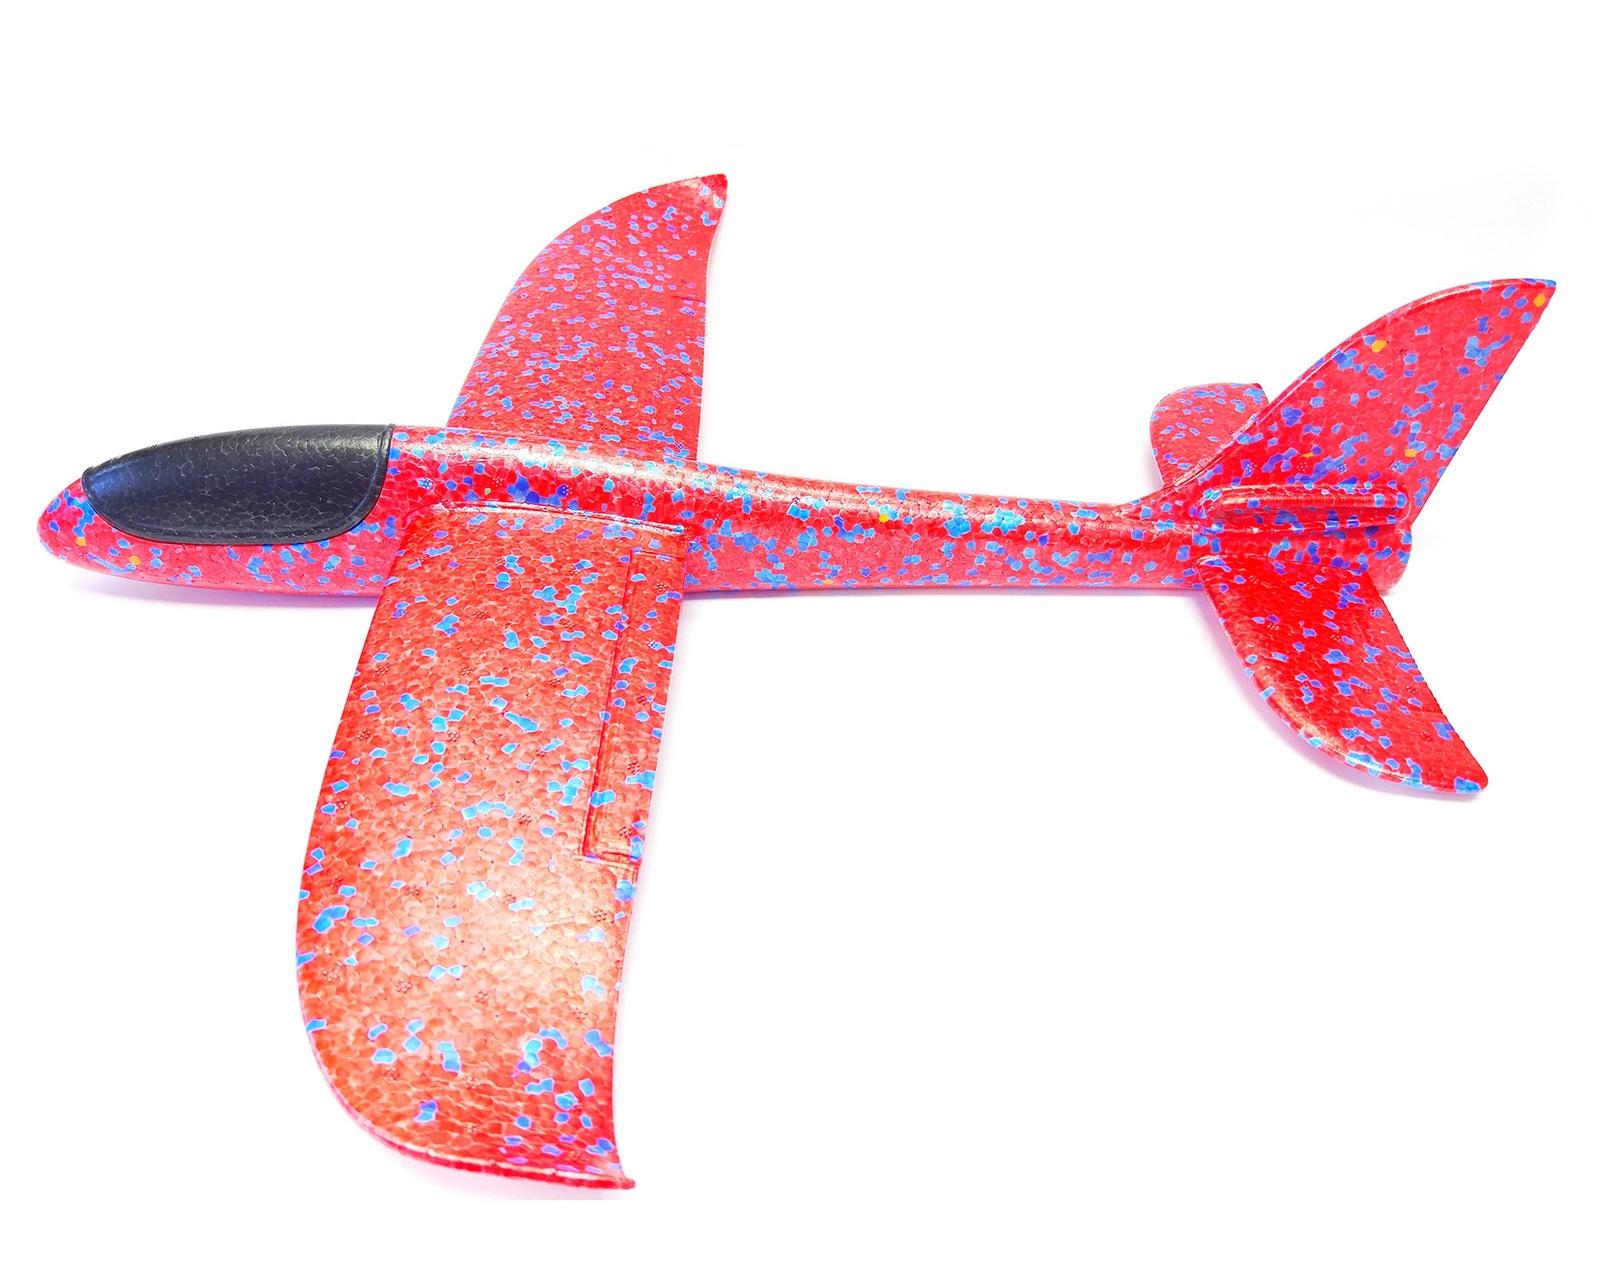 Самолет Toys Планер 48 см красный viking toys самолет джамбо цвет красный